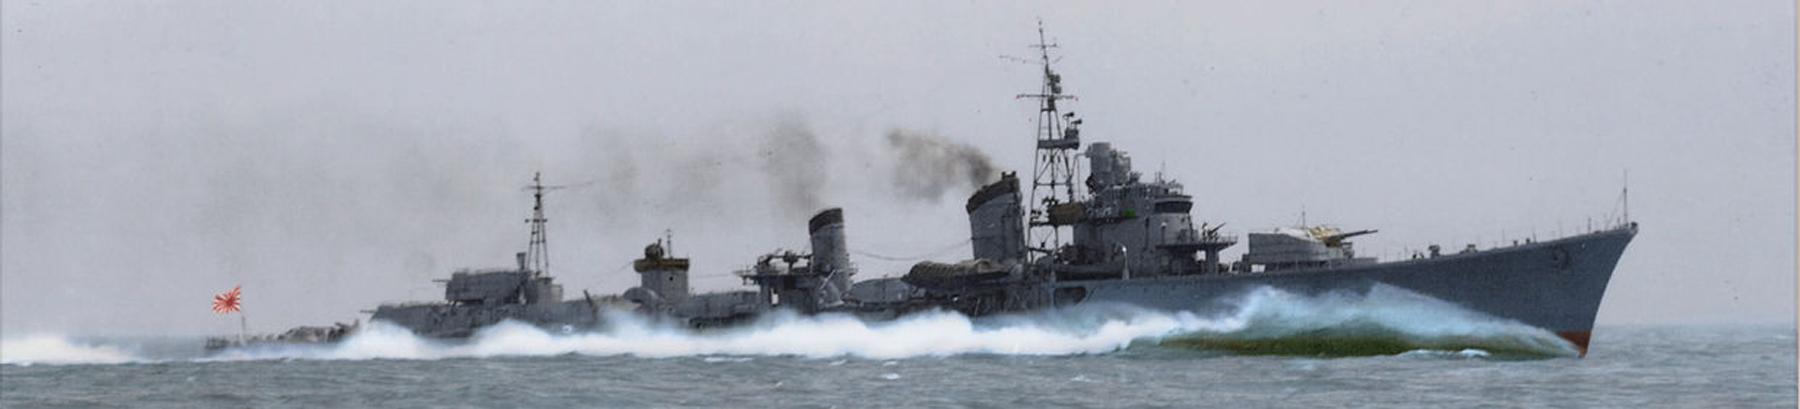 IJN destroyers ww2